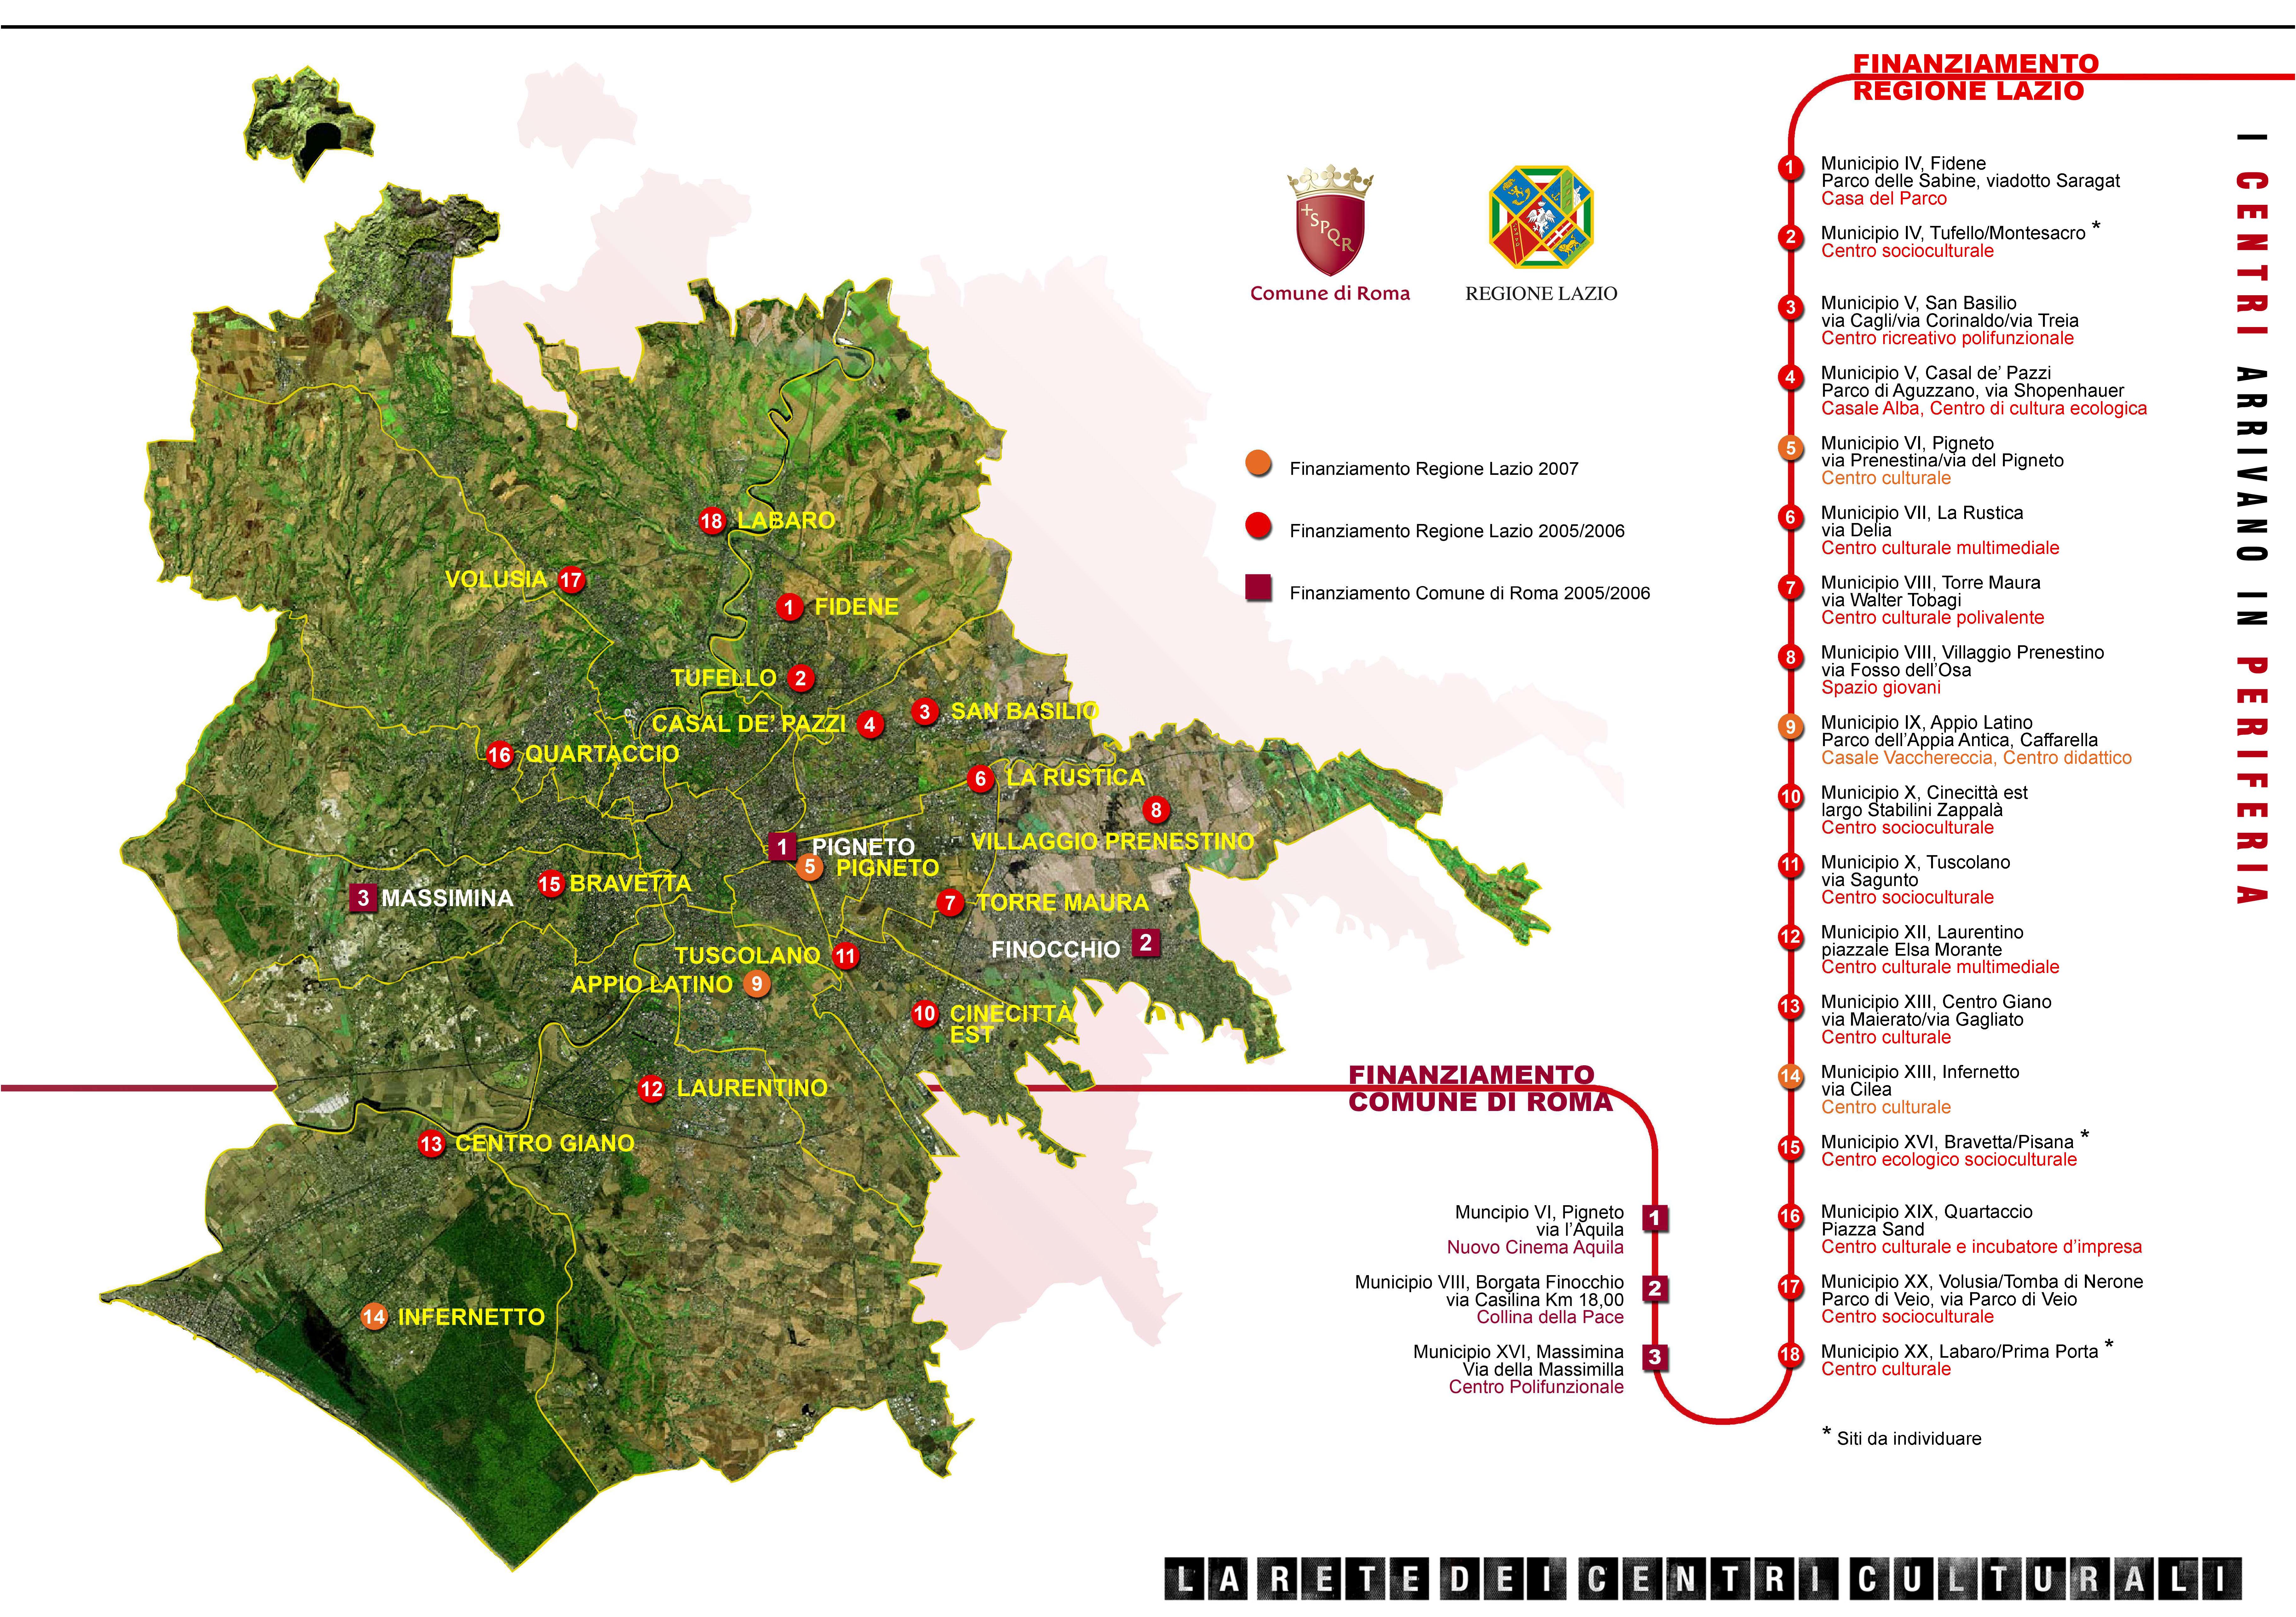 Mappa dei finanziamenti i centri arrivano in periferia